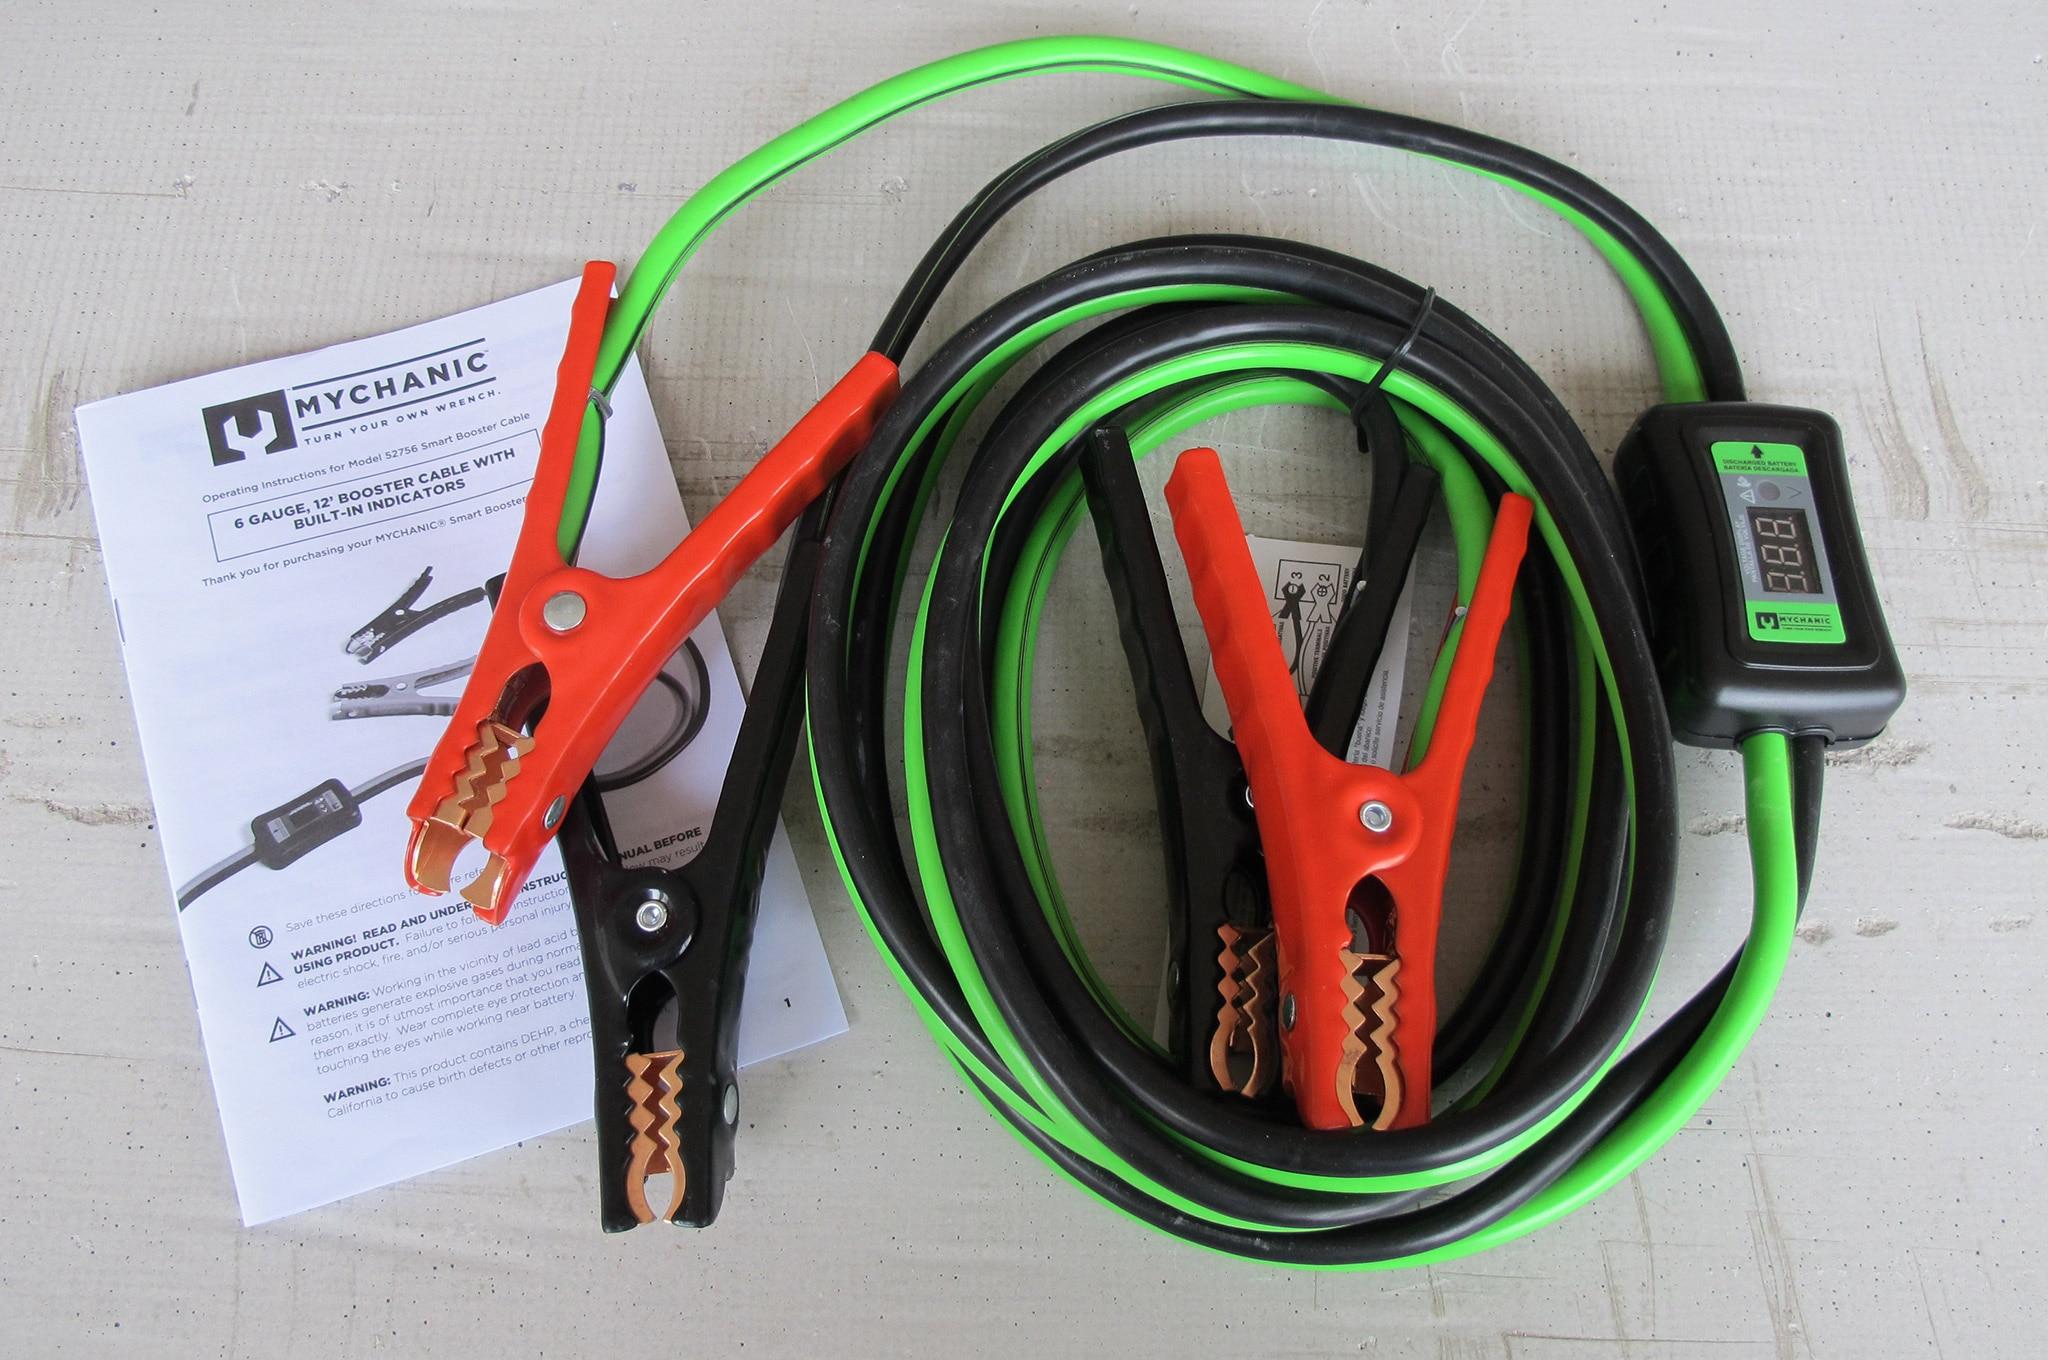 10 Mychanic Smart Jumper Cables